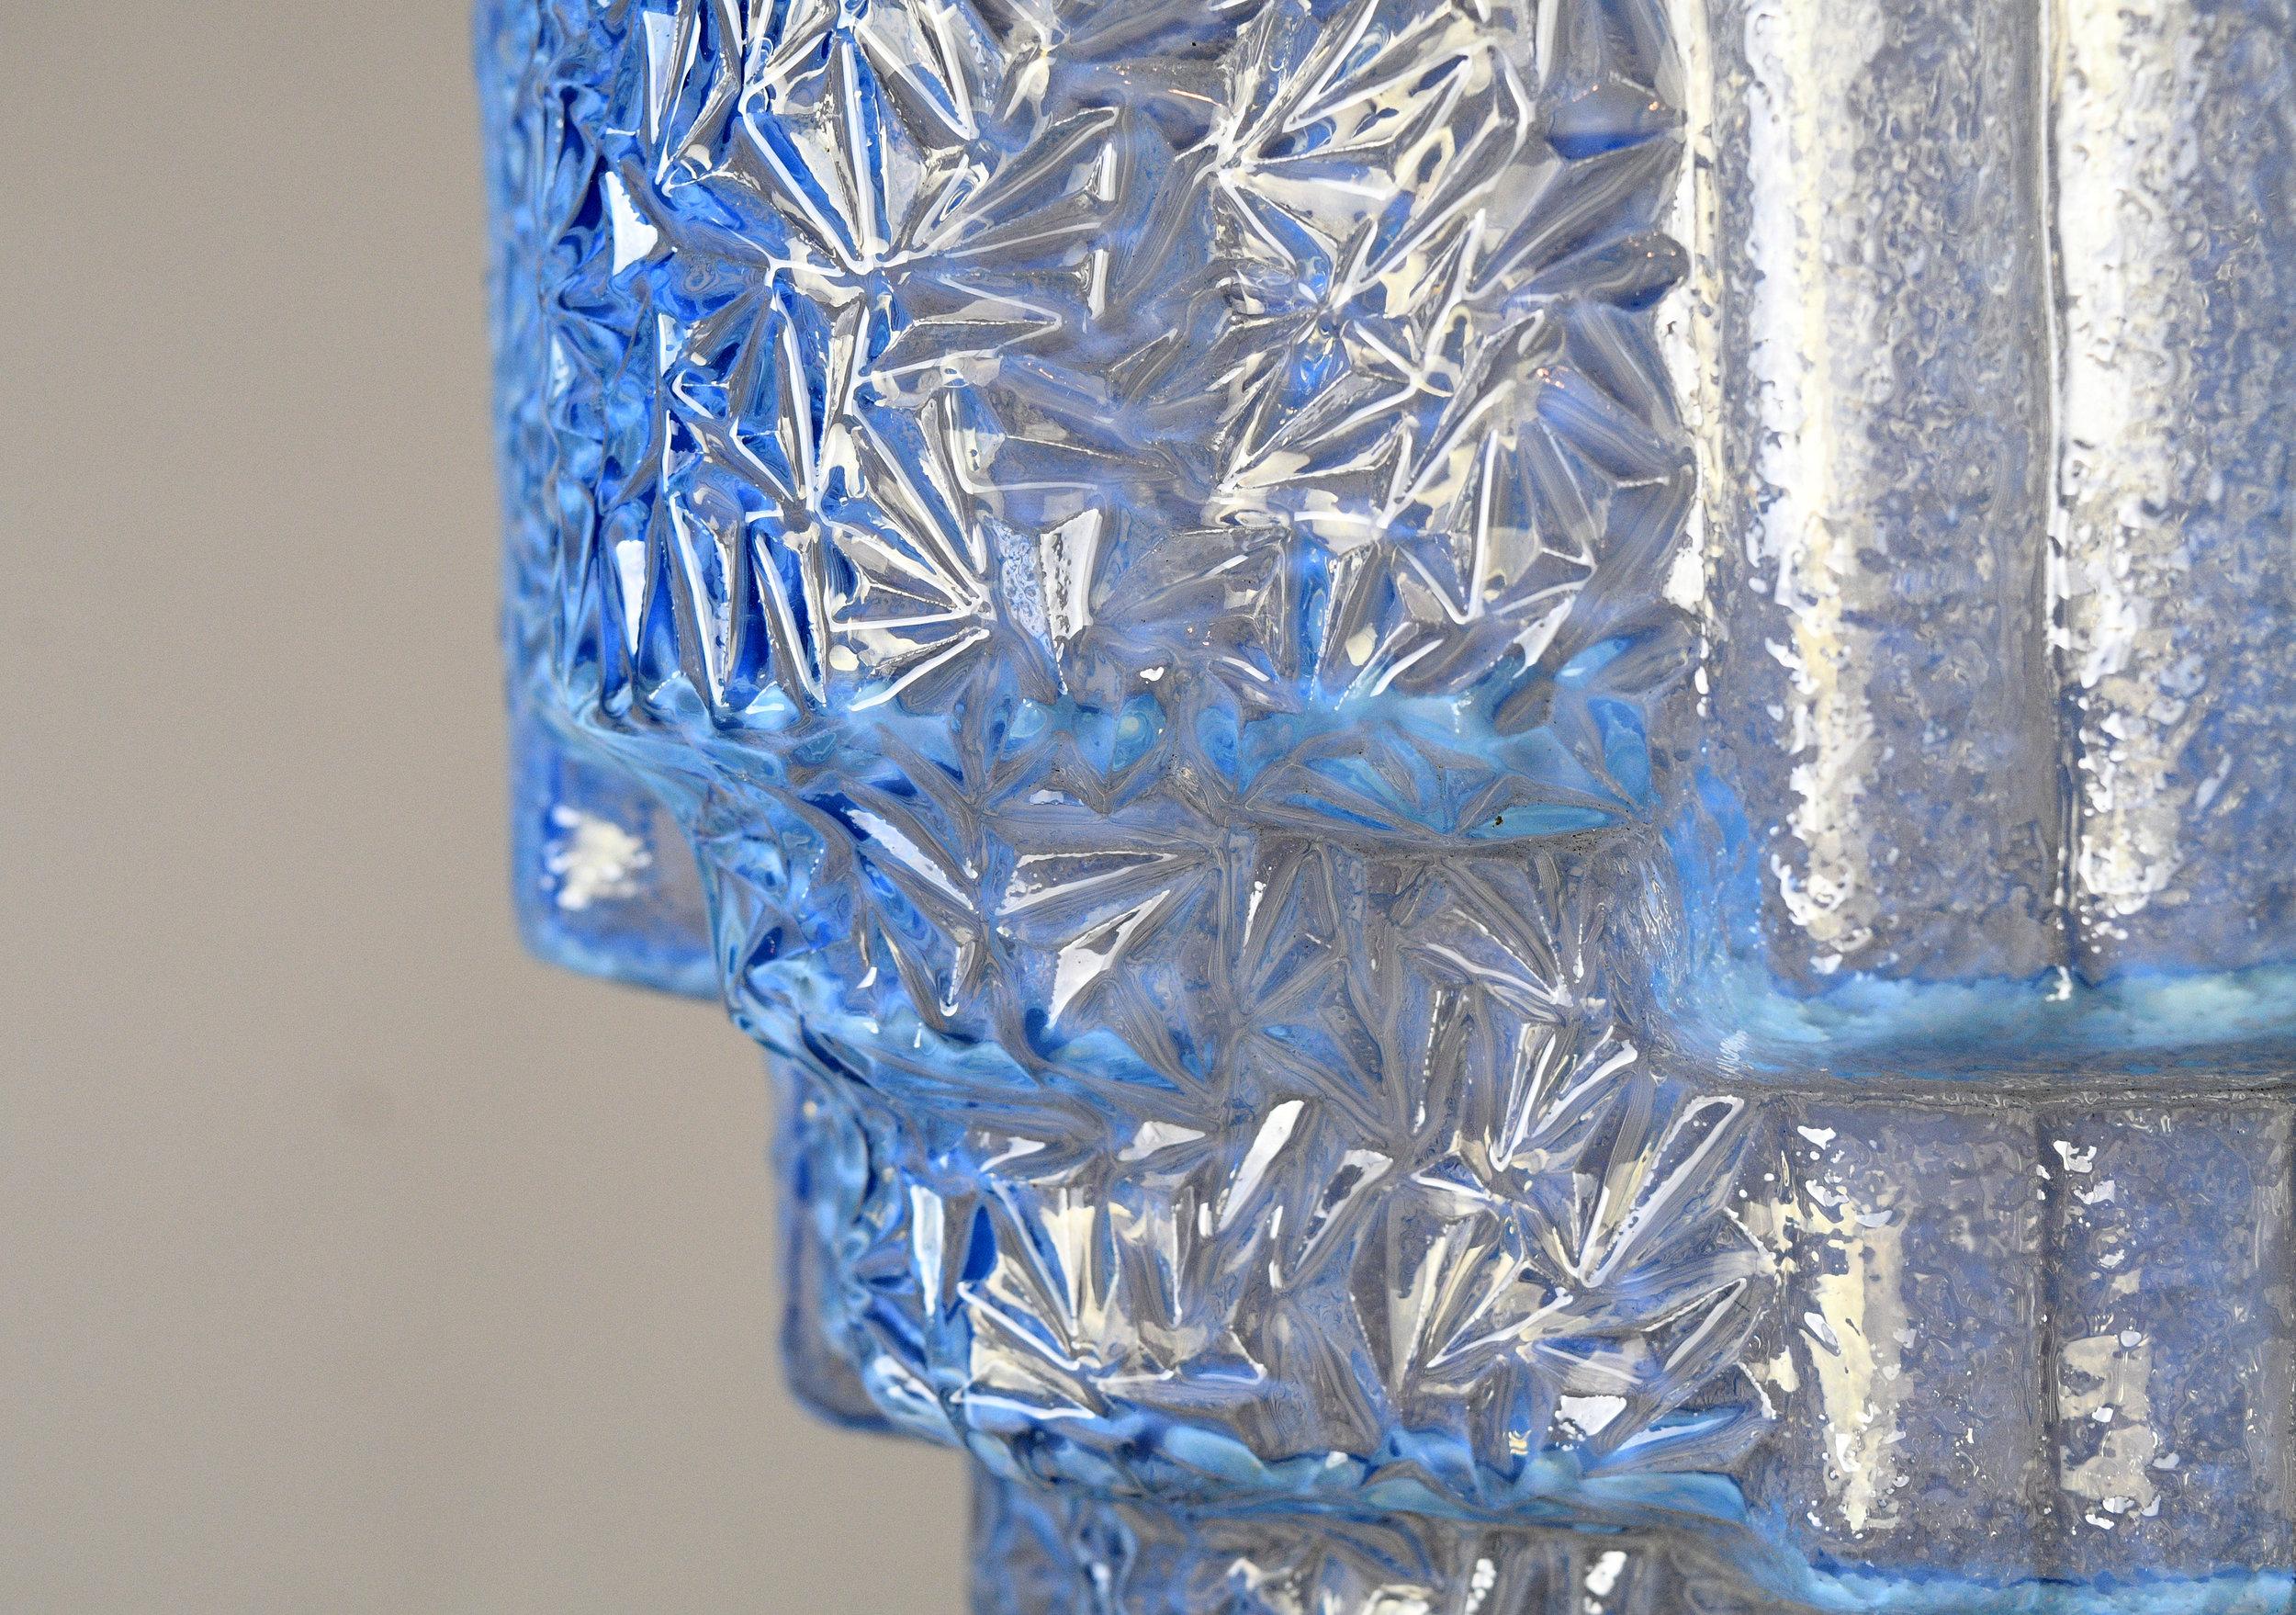 47691-blue-vaseline-glass-art-deco-6.jpg